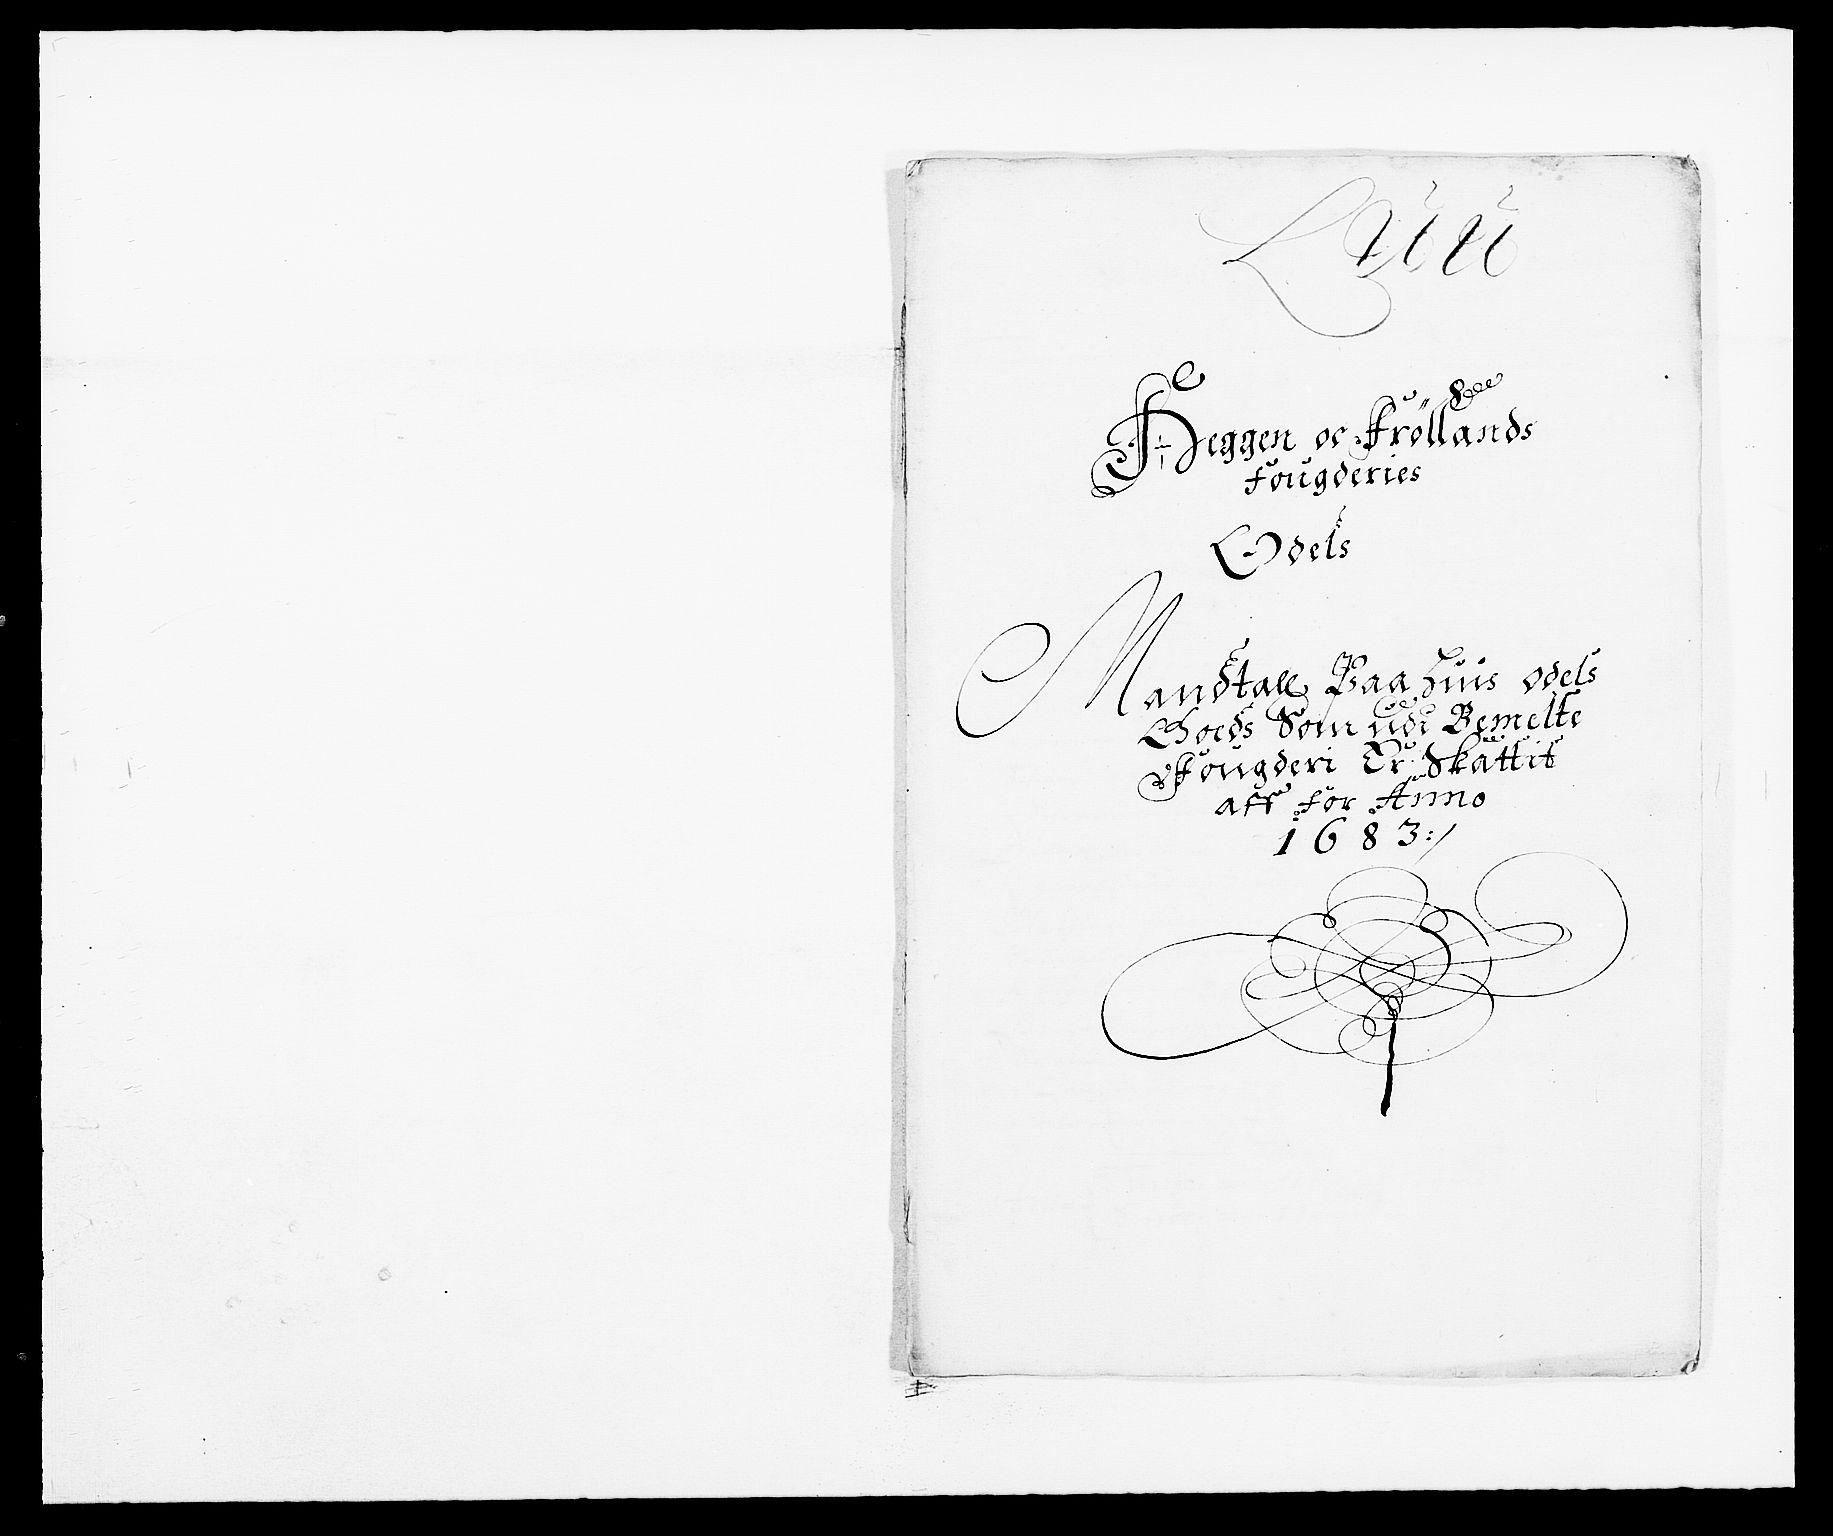 RA, Rentekammeret inntil 1814, Reviderte regnskaper, Fogderegnskap, R06/L0280: Fogderegnskap Heggen og Frøland, 1681-1684, s. 382